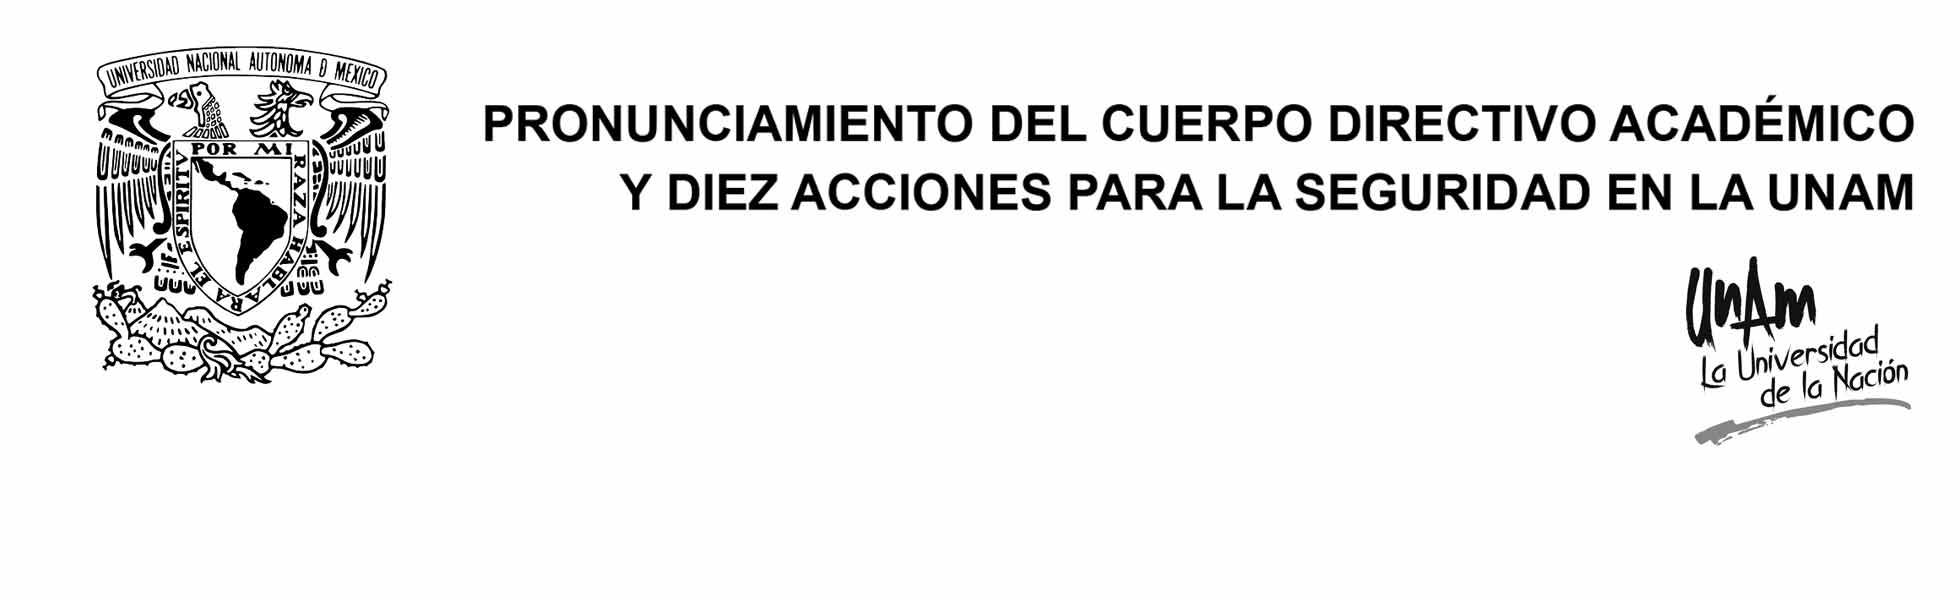 10-acciones